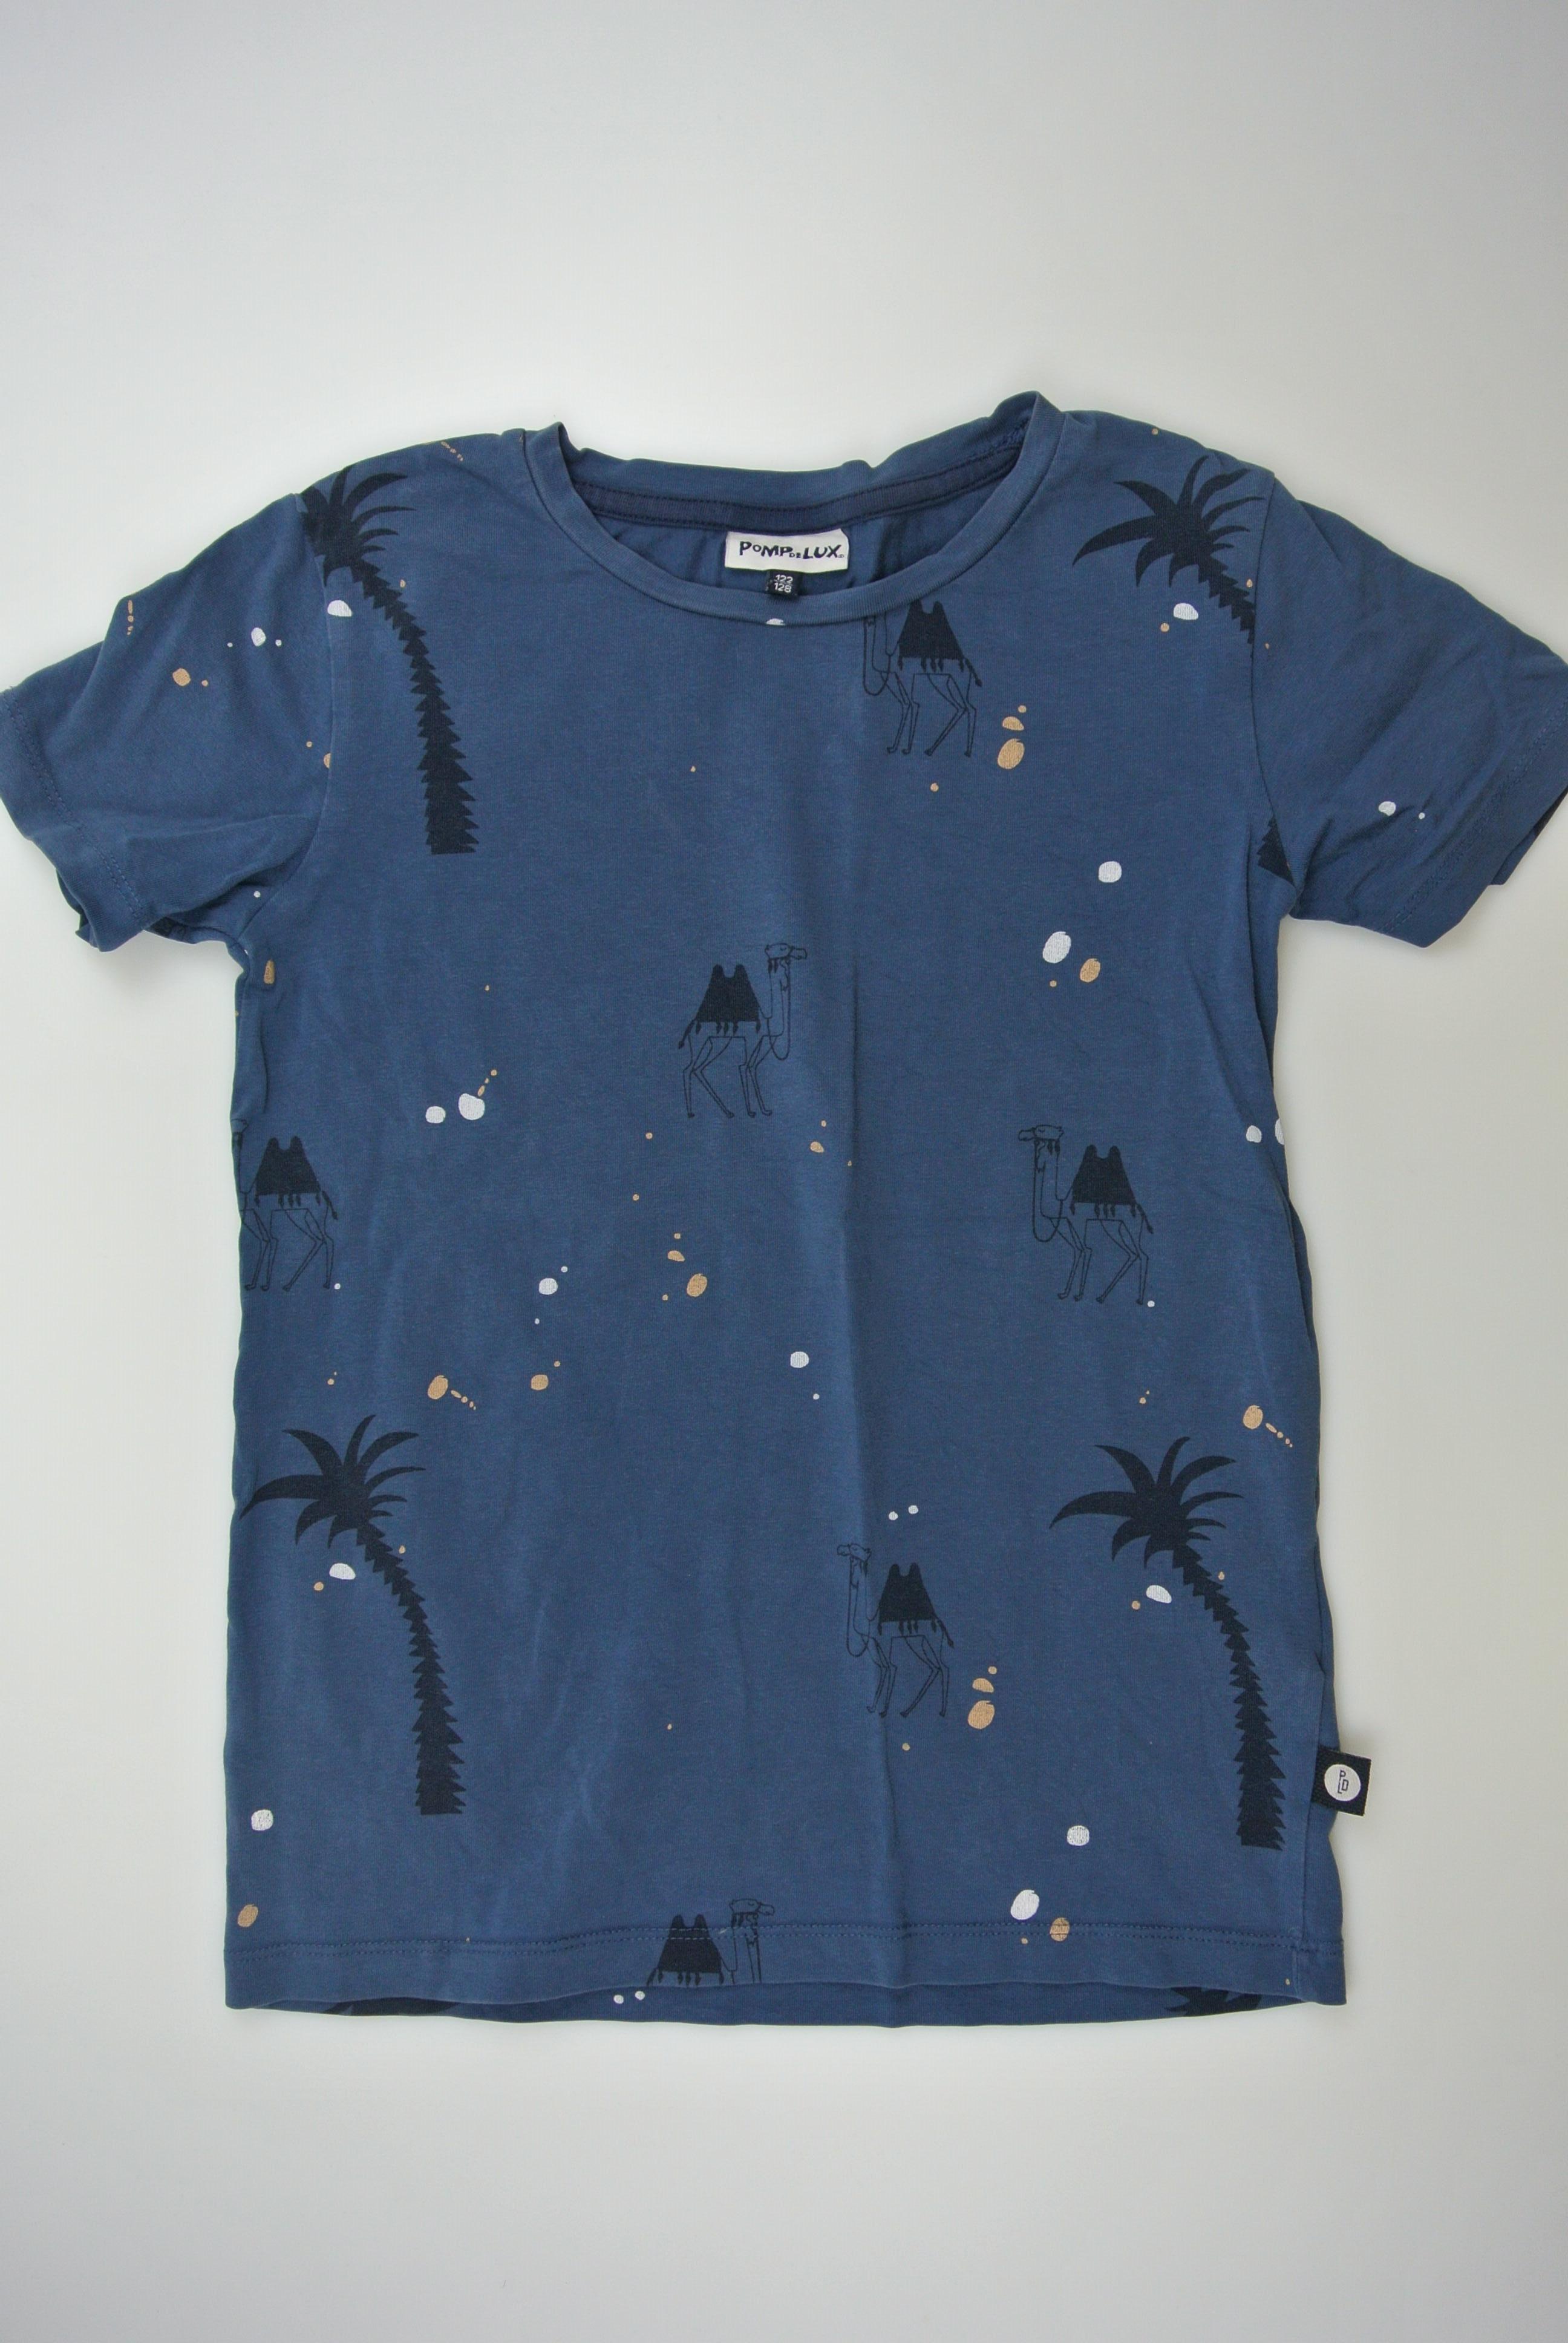 Pompdelux t-shirt str 122/128 dreng